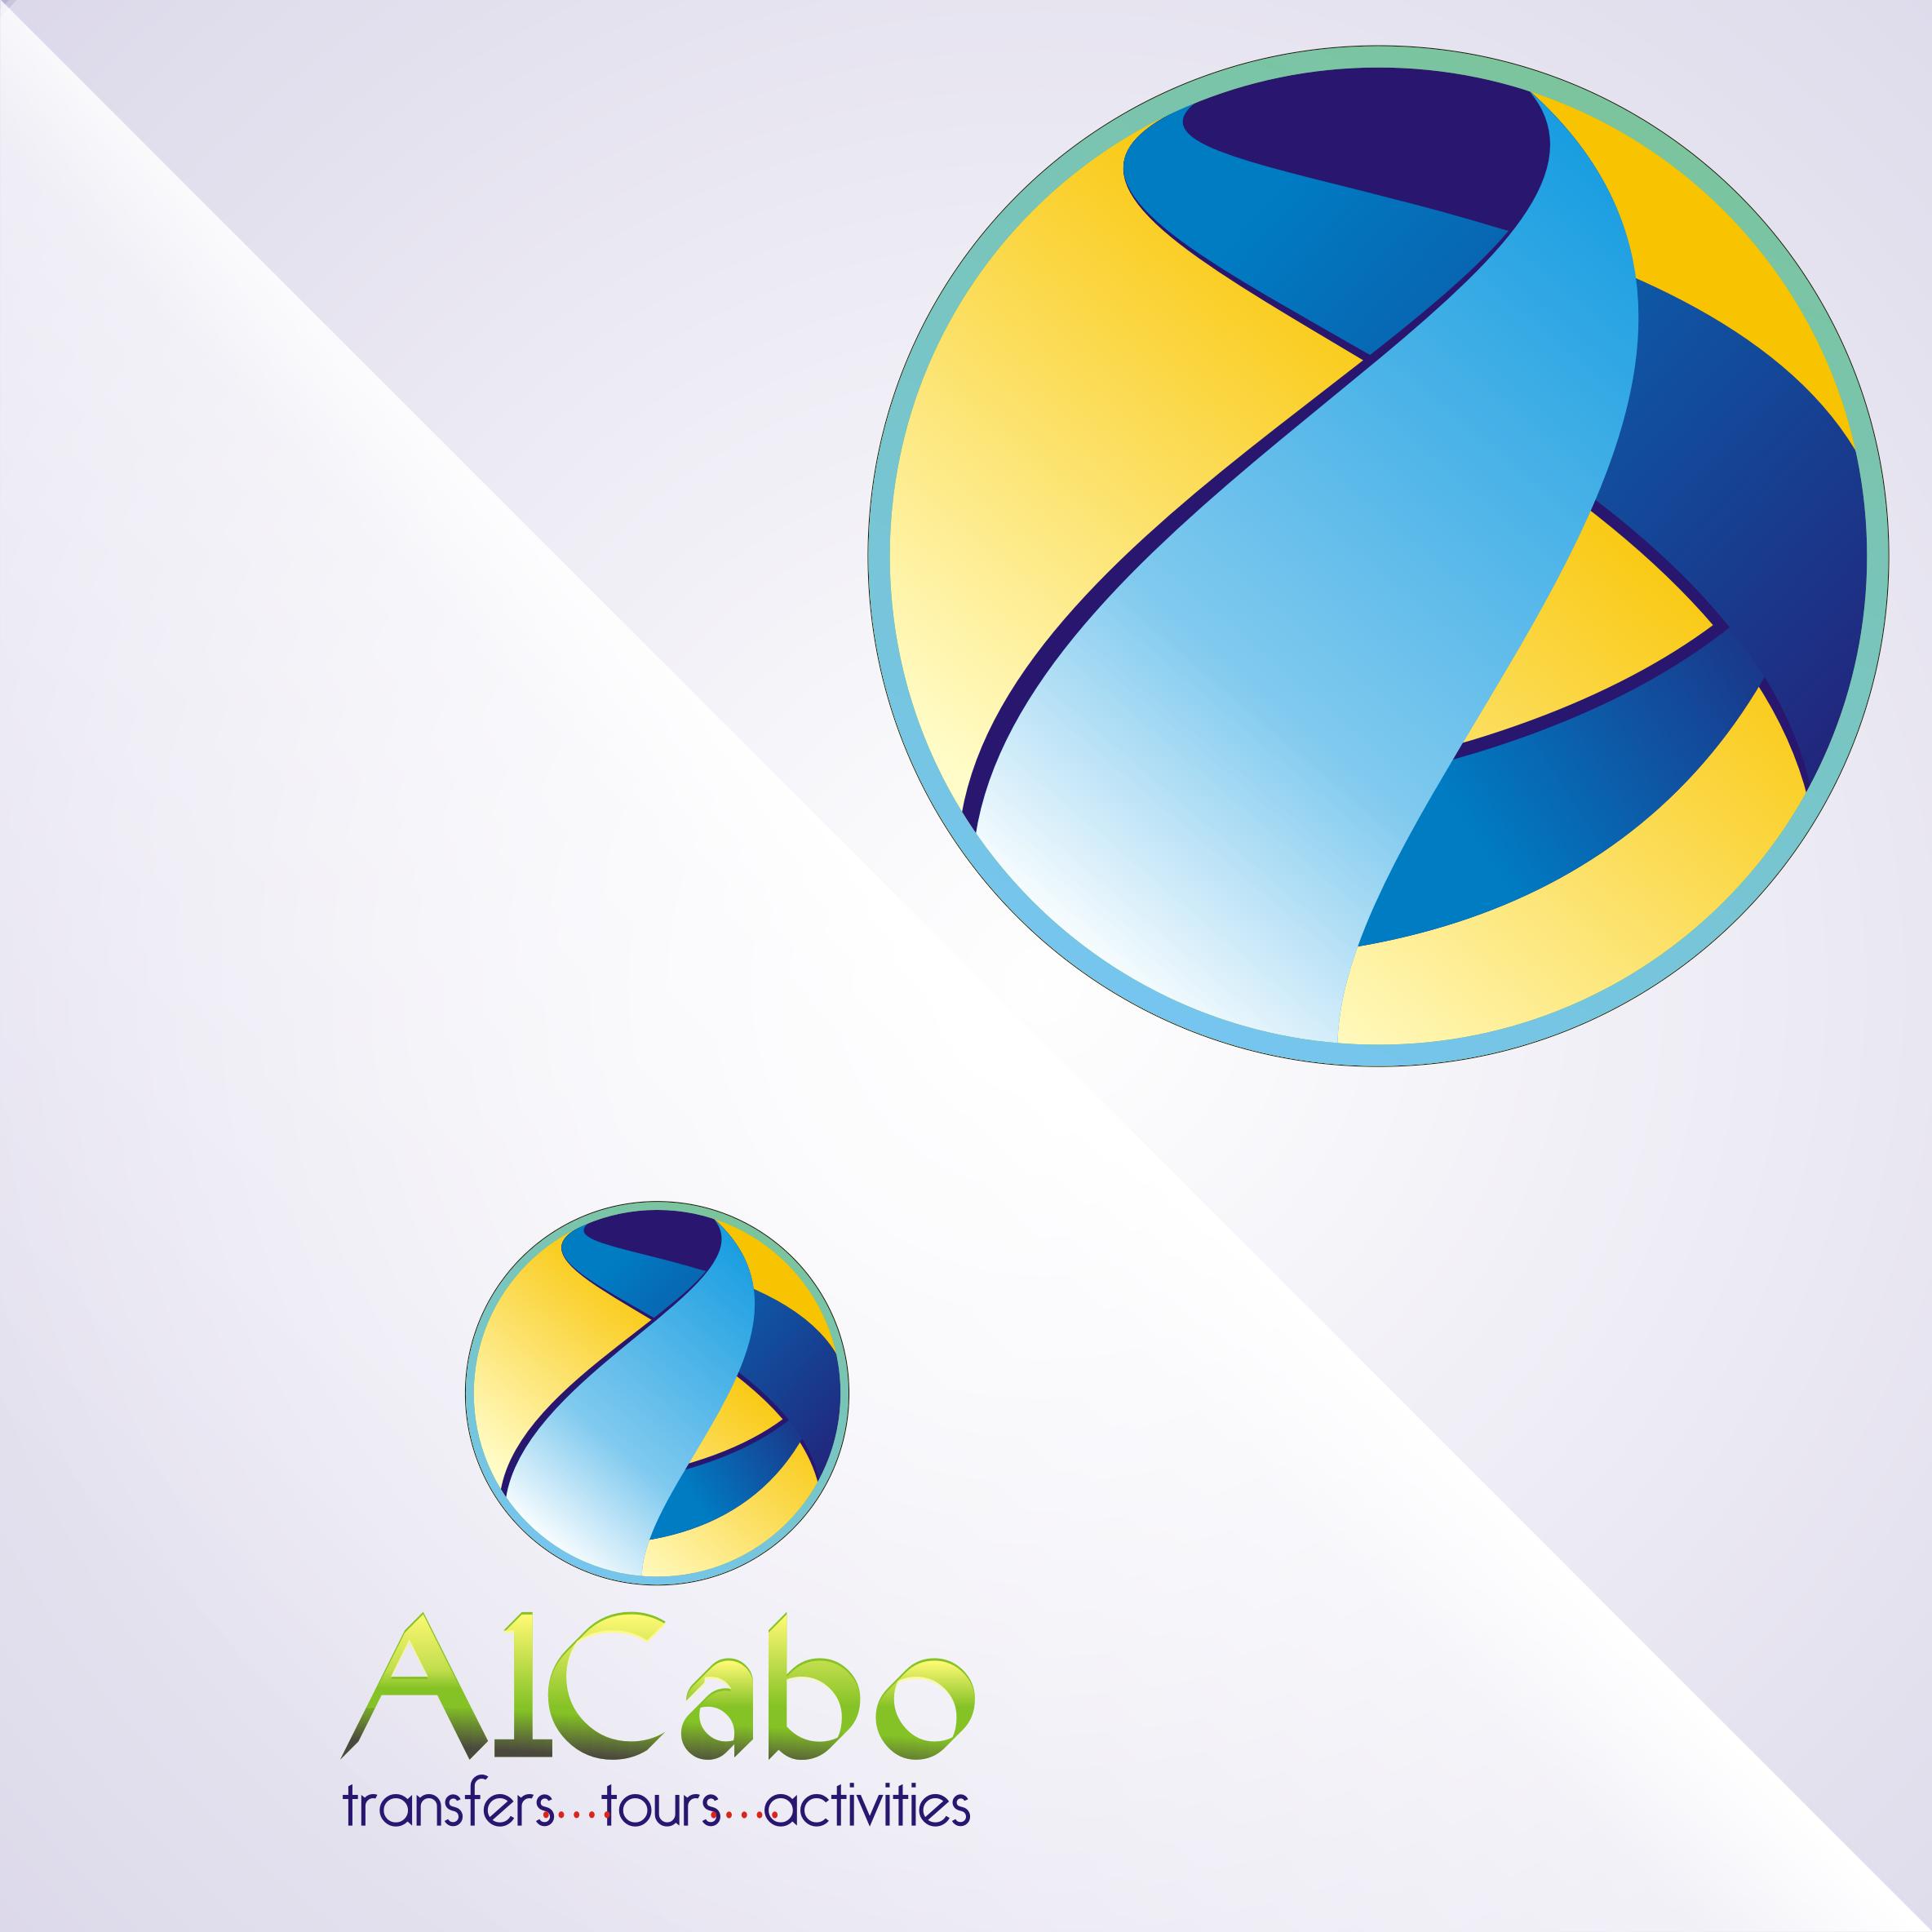 Logo Design by Private User - Entry No. 26 in the Logo Design Contest Inspiring Logo Design for A1Cabo.com.